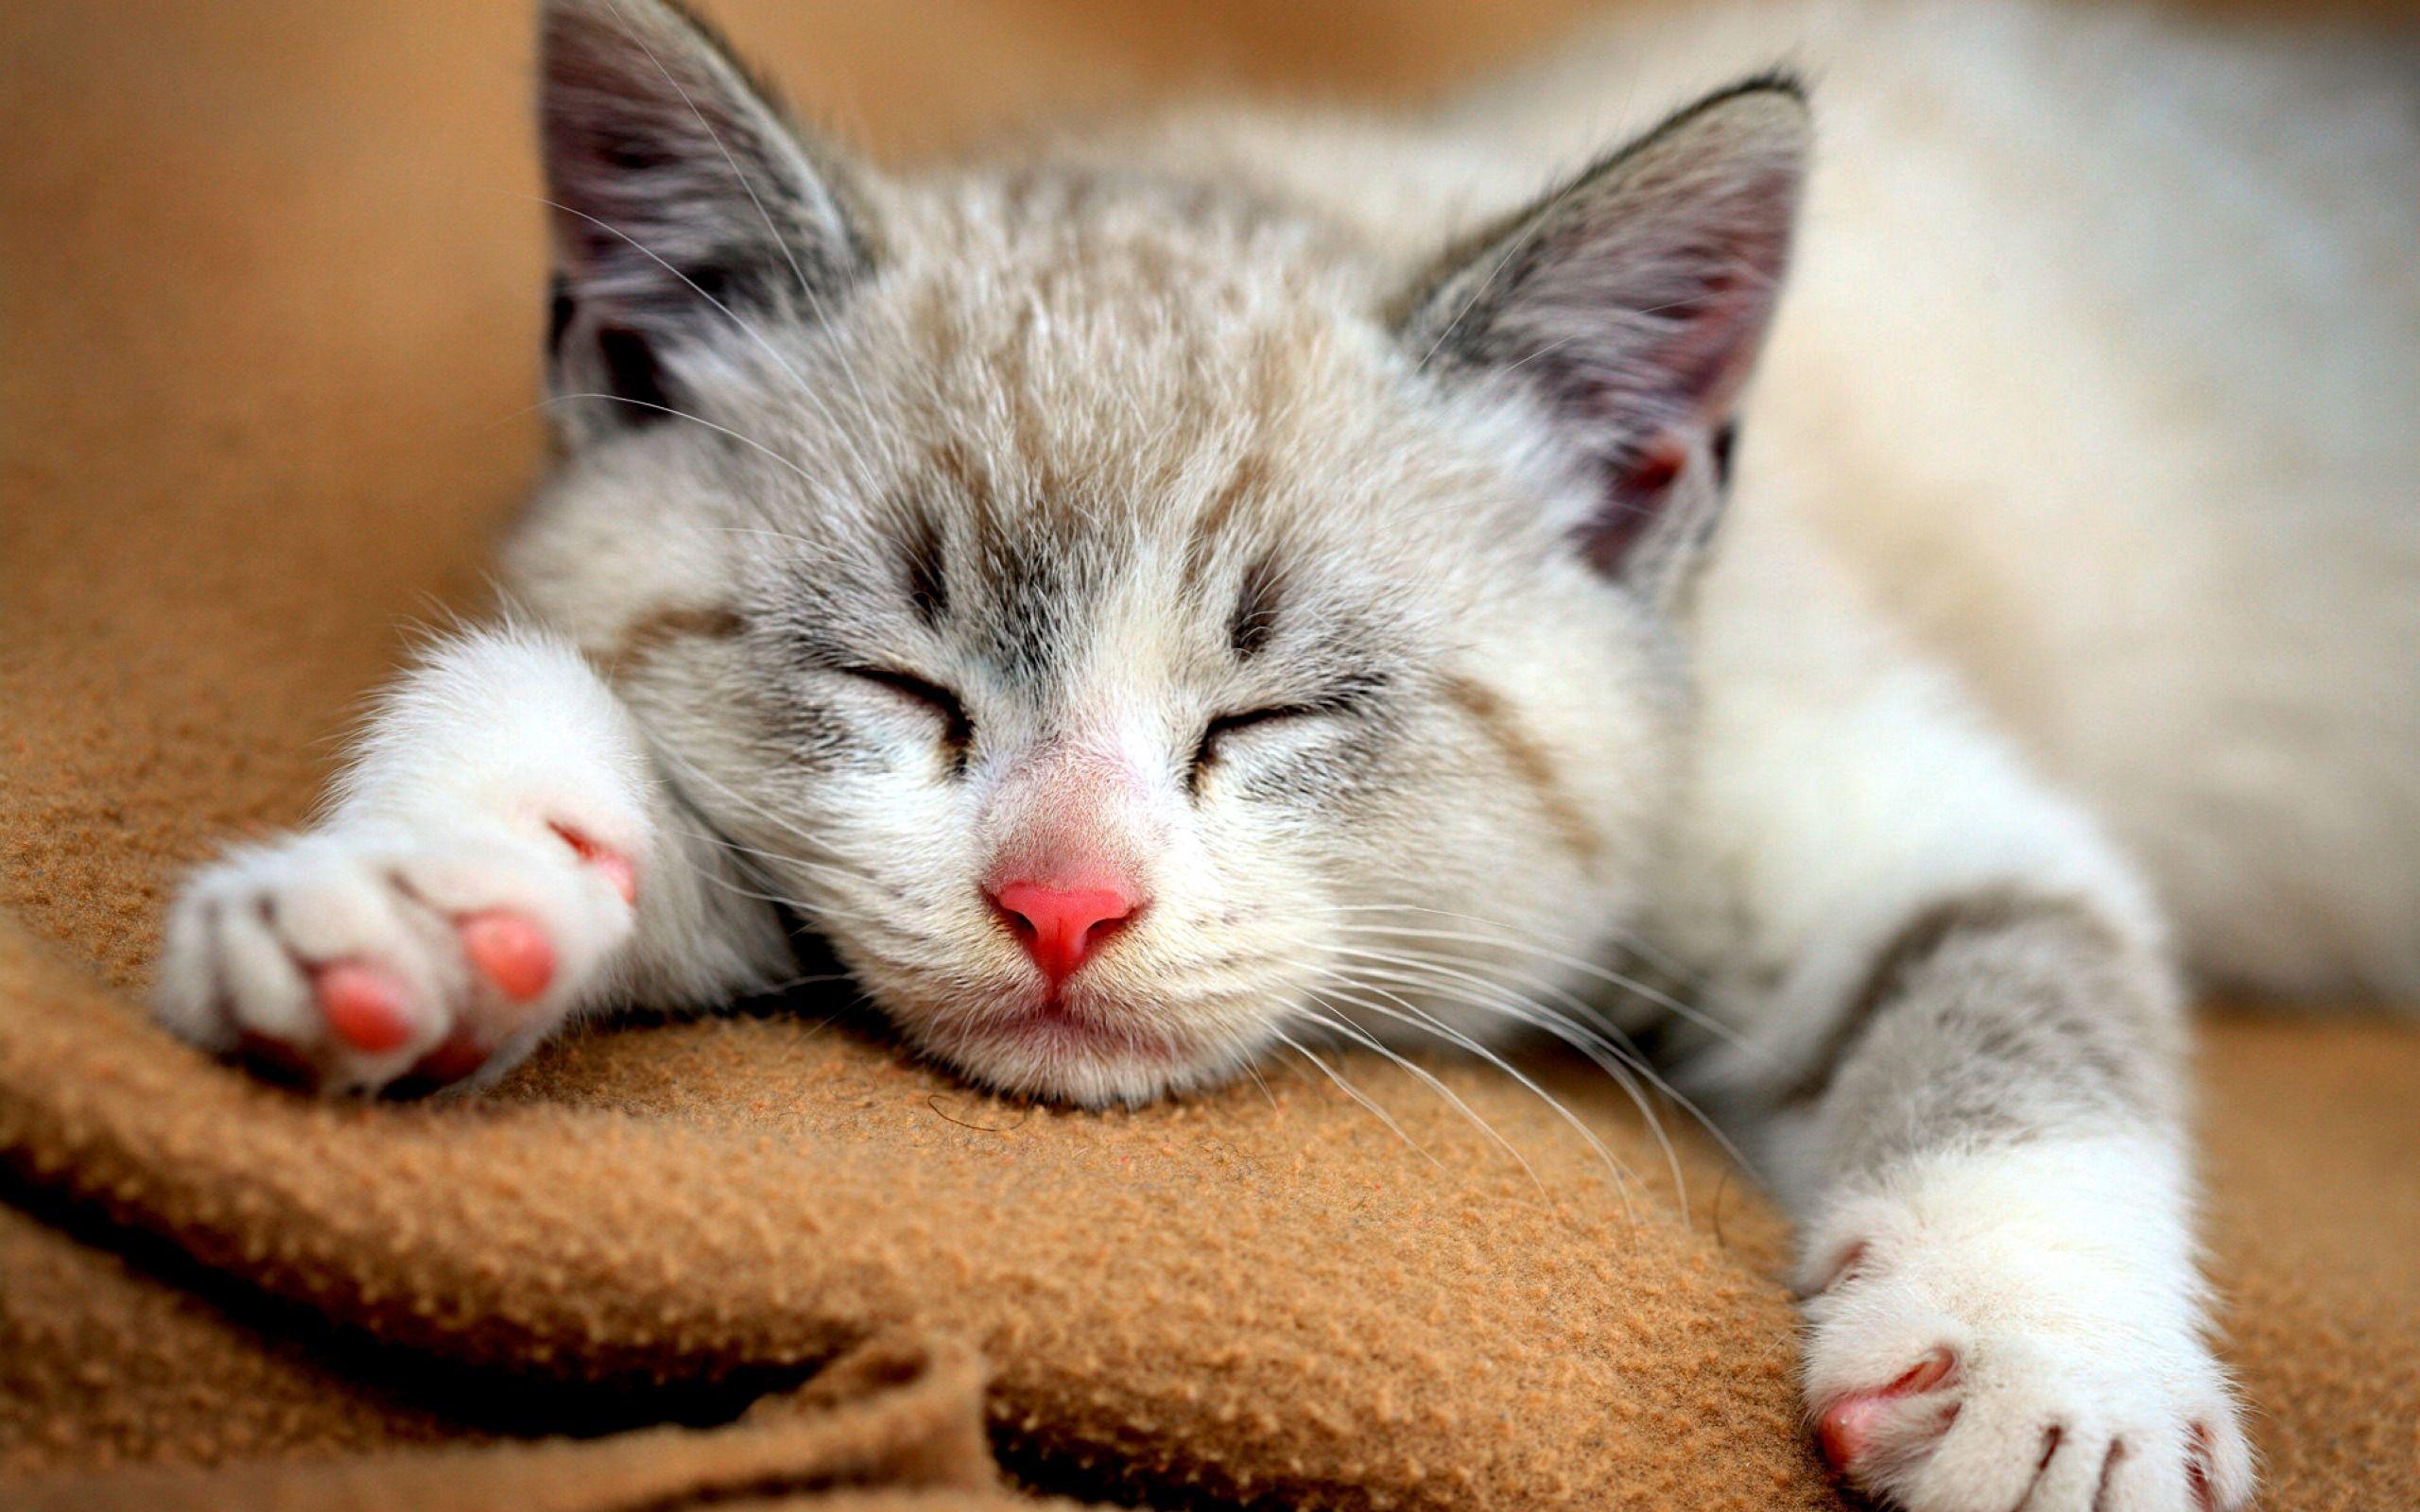 بالصور صور قطط مضحكة صور قطط تجنن , اجمل صورة لقطة تفطس من الضحك 4540 6